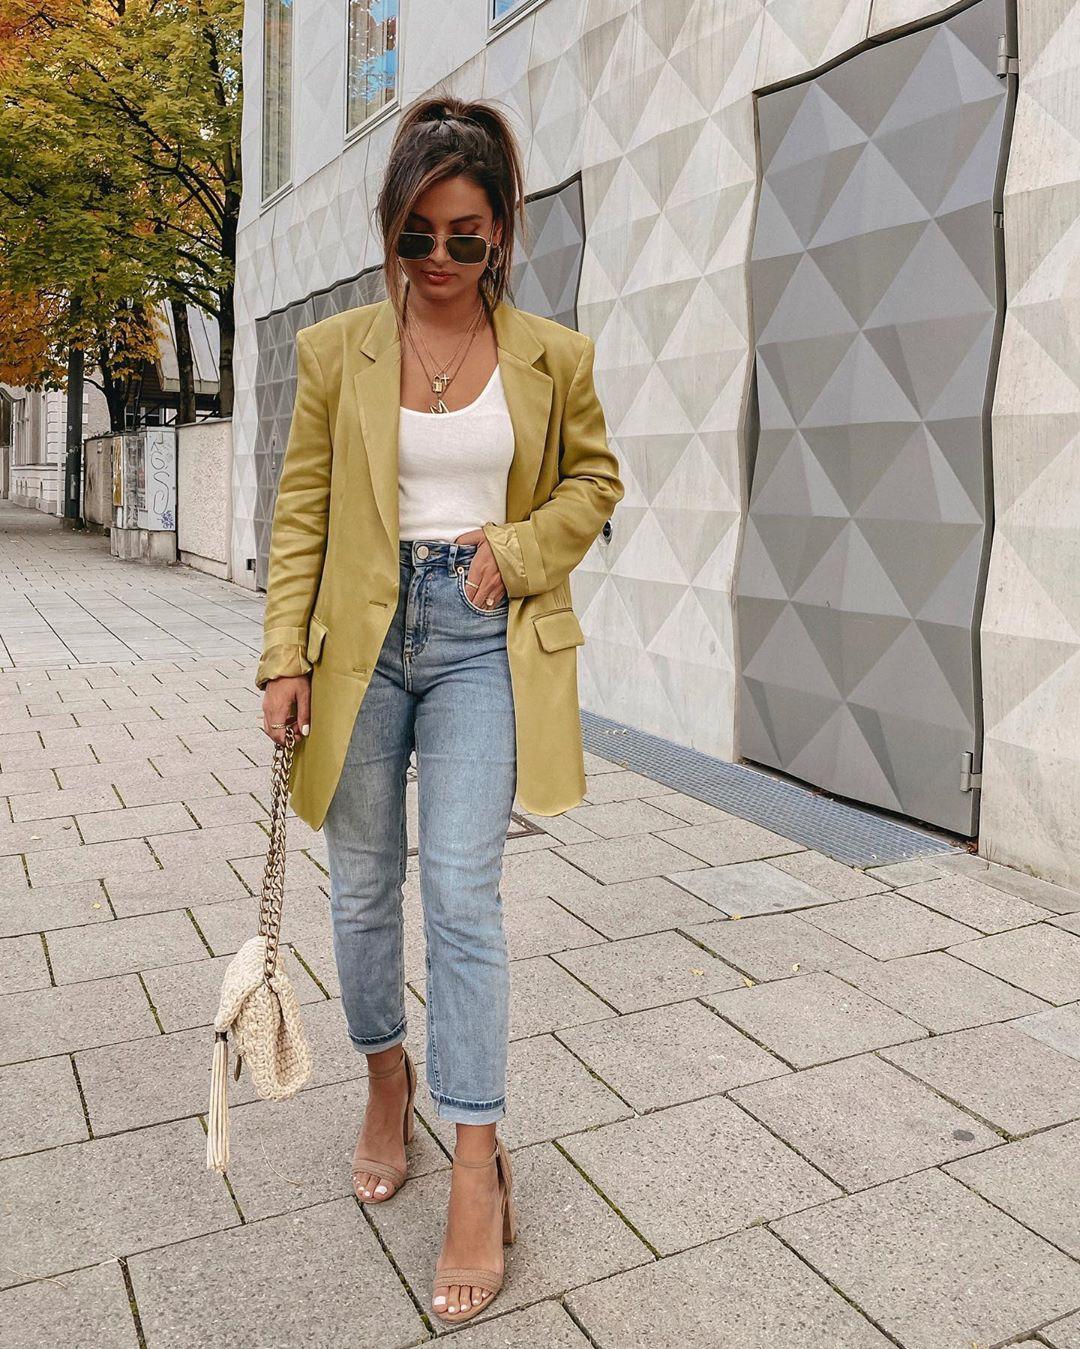 satin jacket with buttons de Zara sur mernamariellaaa